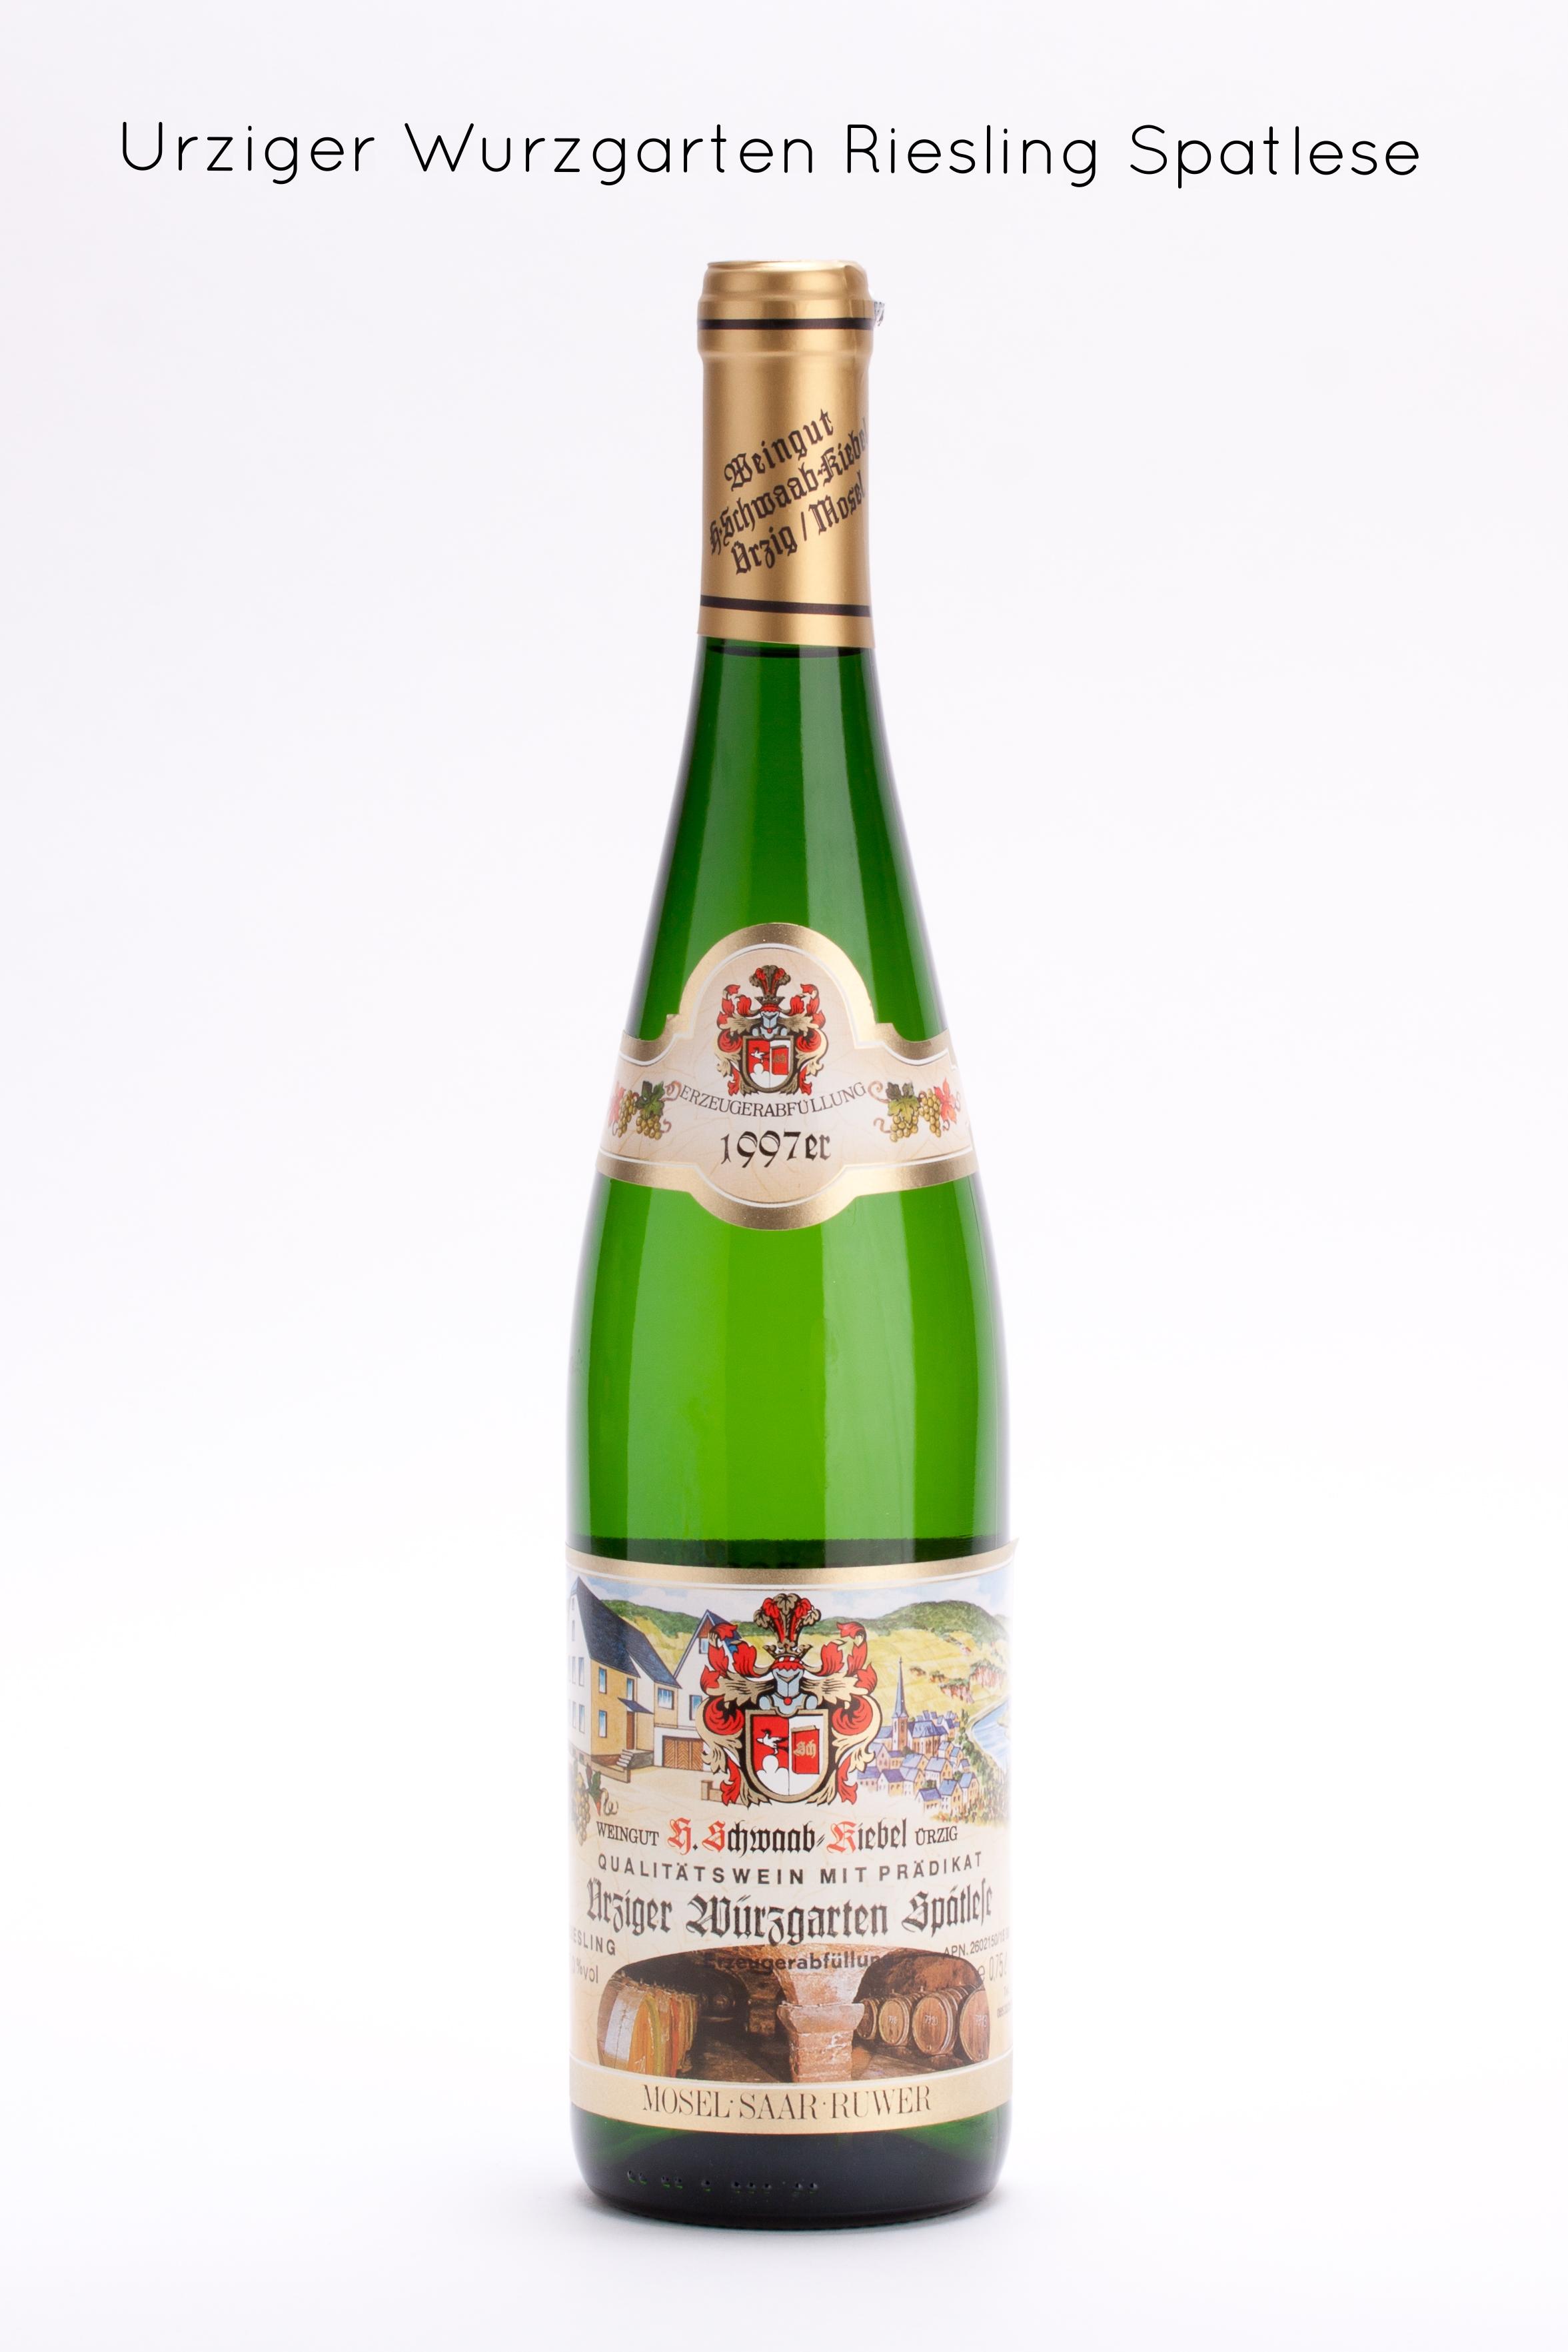 DRosengarten.com wine bottles on white hi res by Troy Amber (15 of 76).jpg